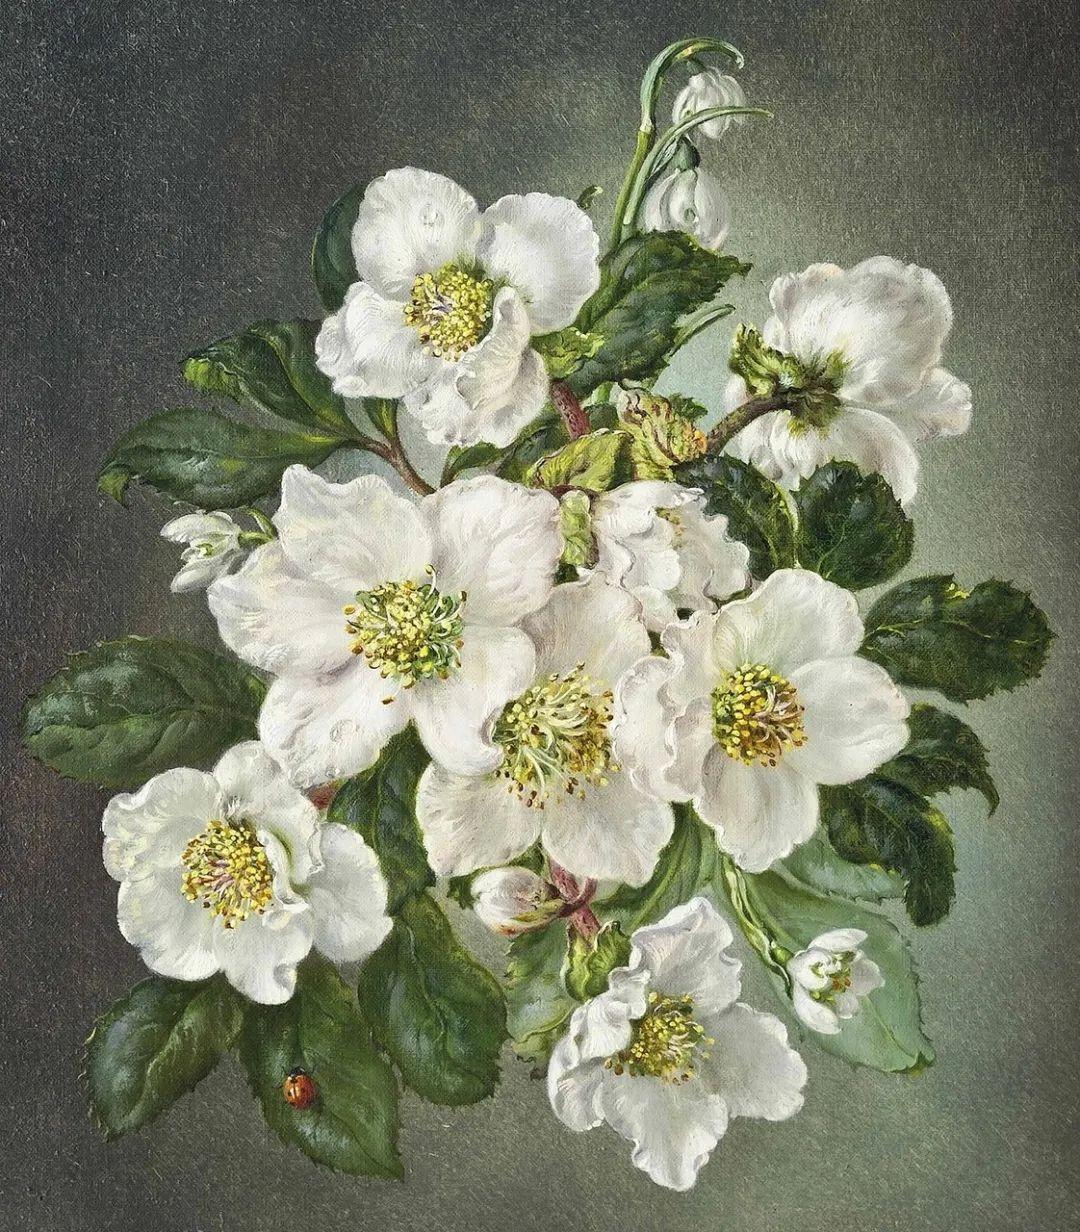 英国最伟大的花卉画家之一,艺术家塞西尔·肯尼迪插图15